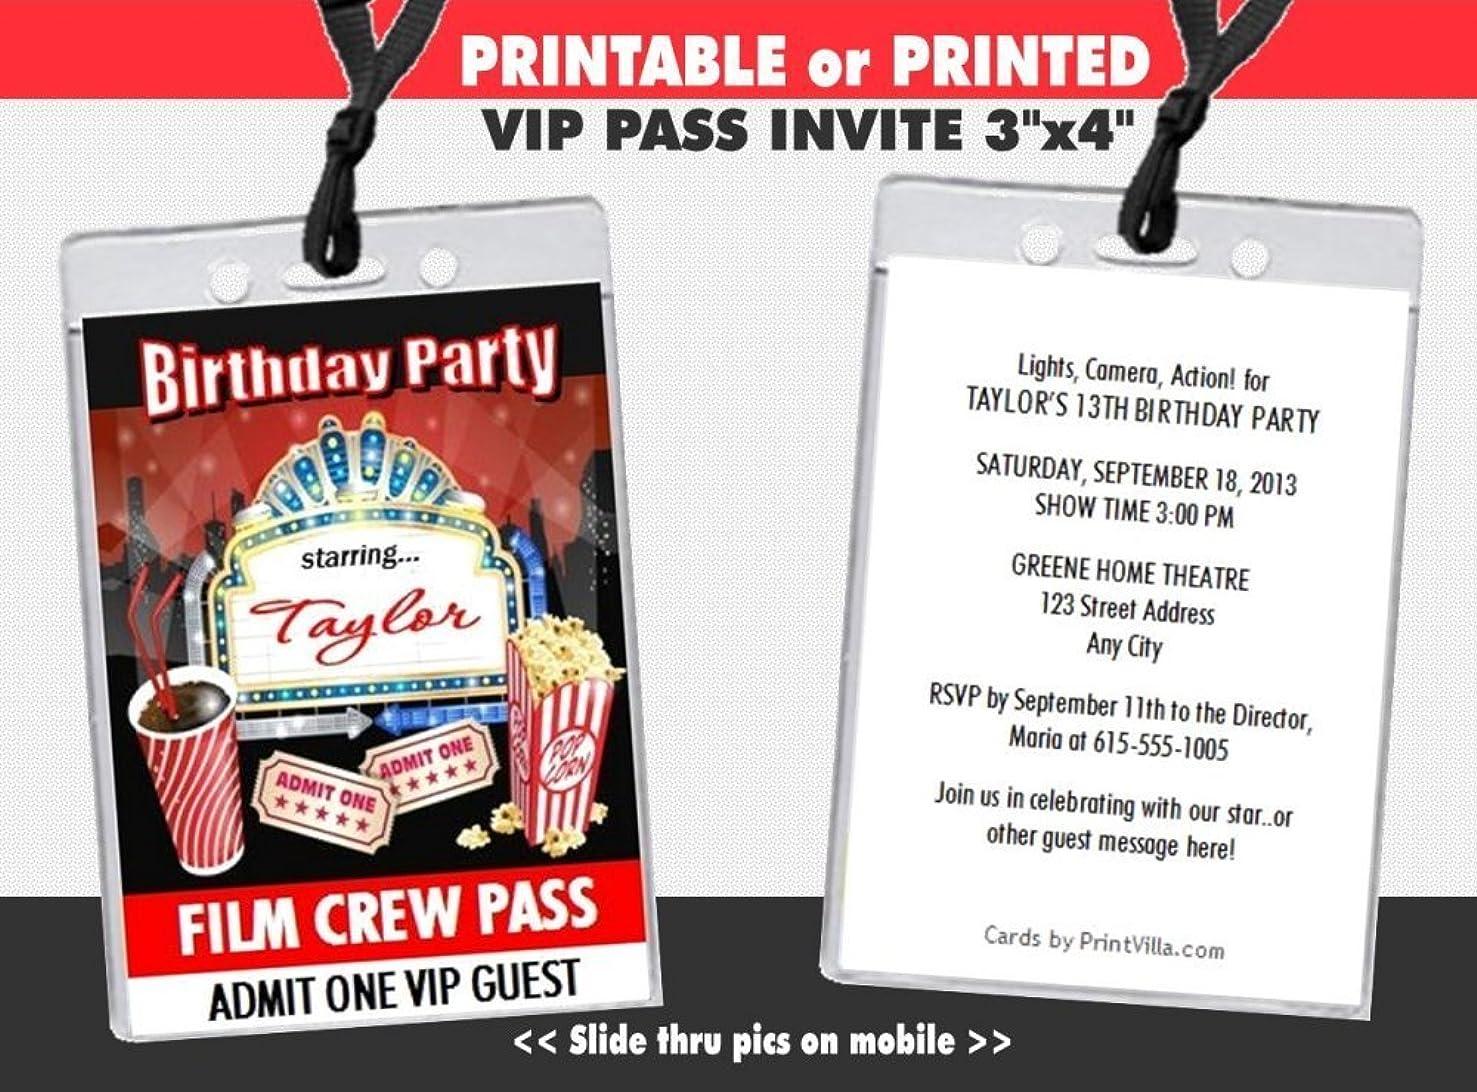 Movie Night Birthday Party VIP Pass Invitation, Printable or Printed Option